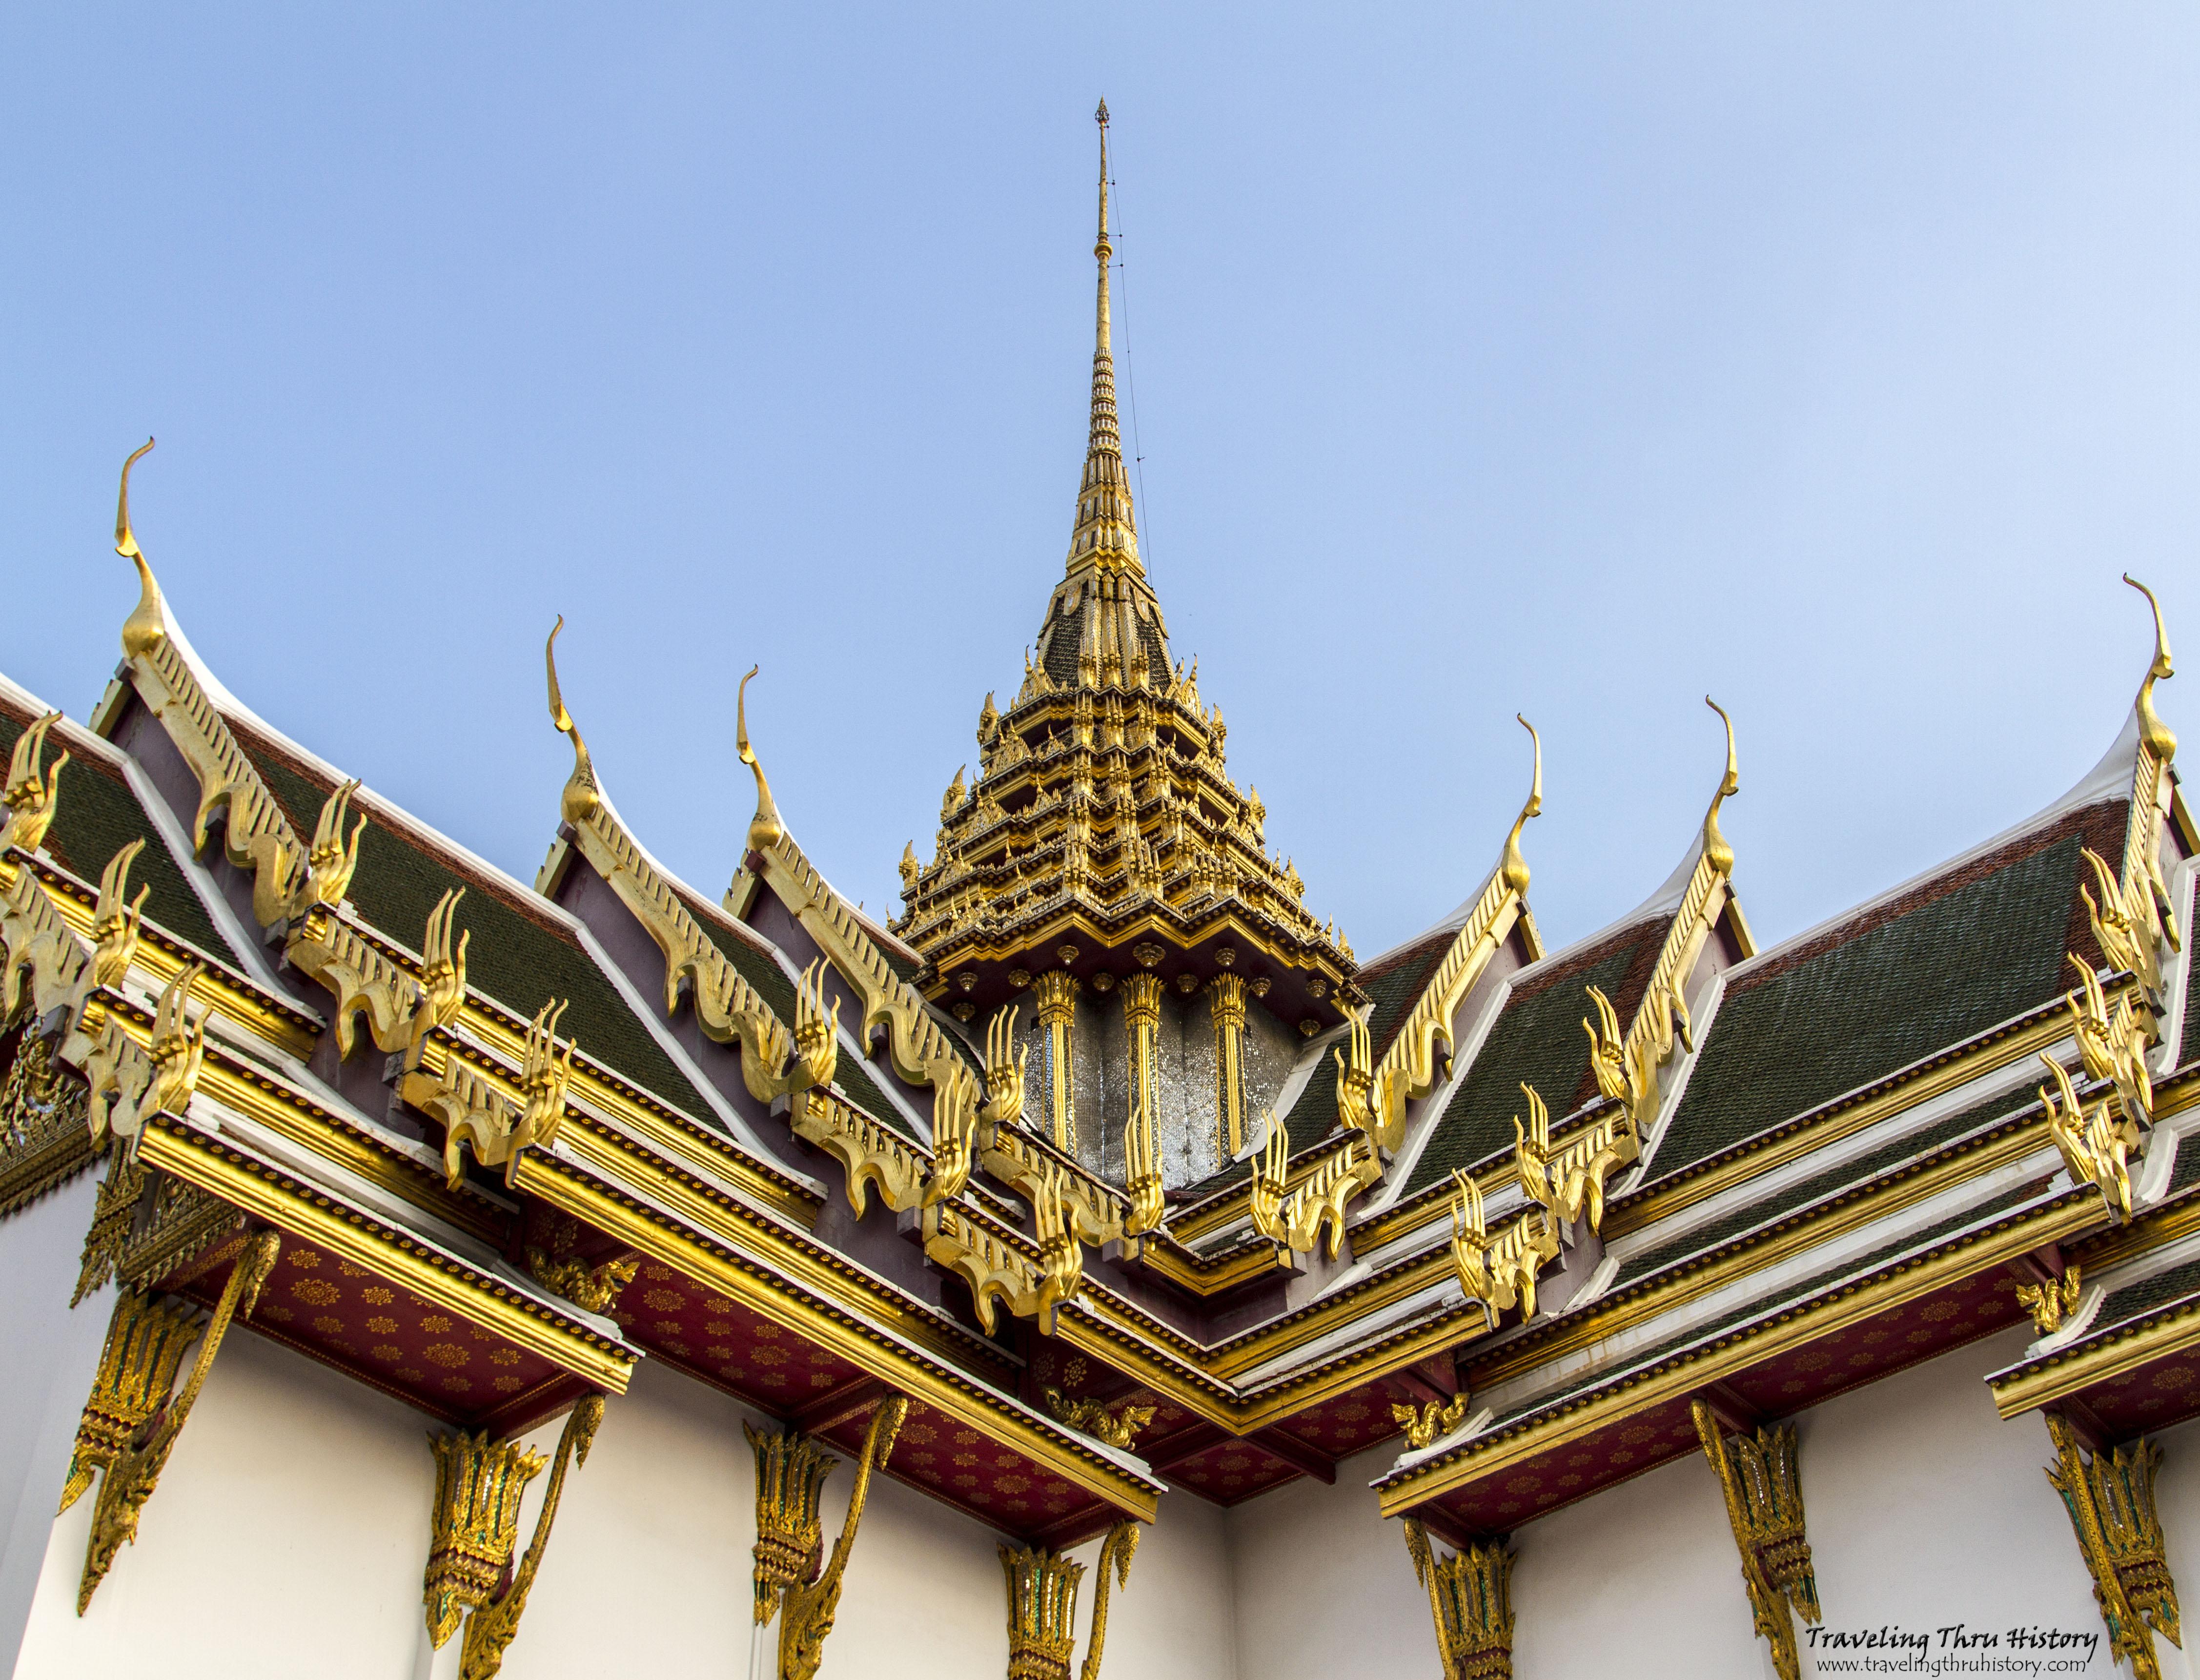 Roof of Phra Thinang Dusit Maha Prasat  Traveling Thru ...